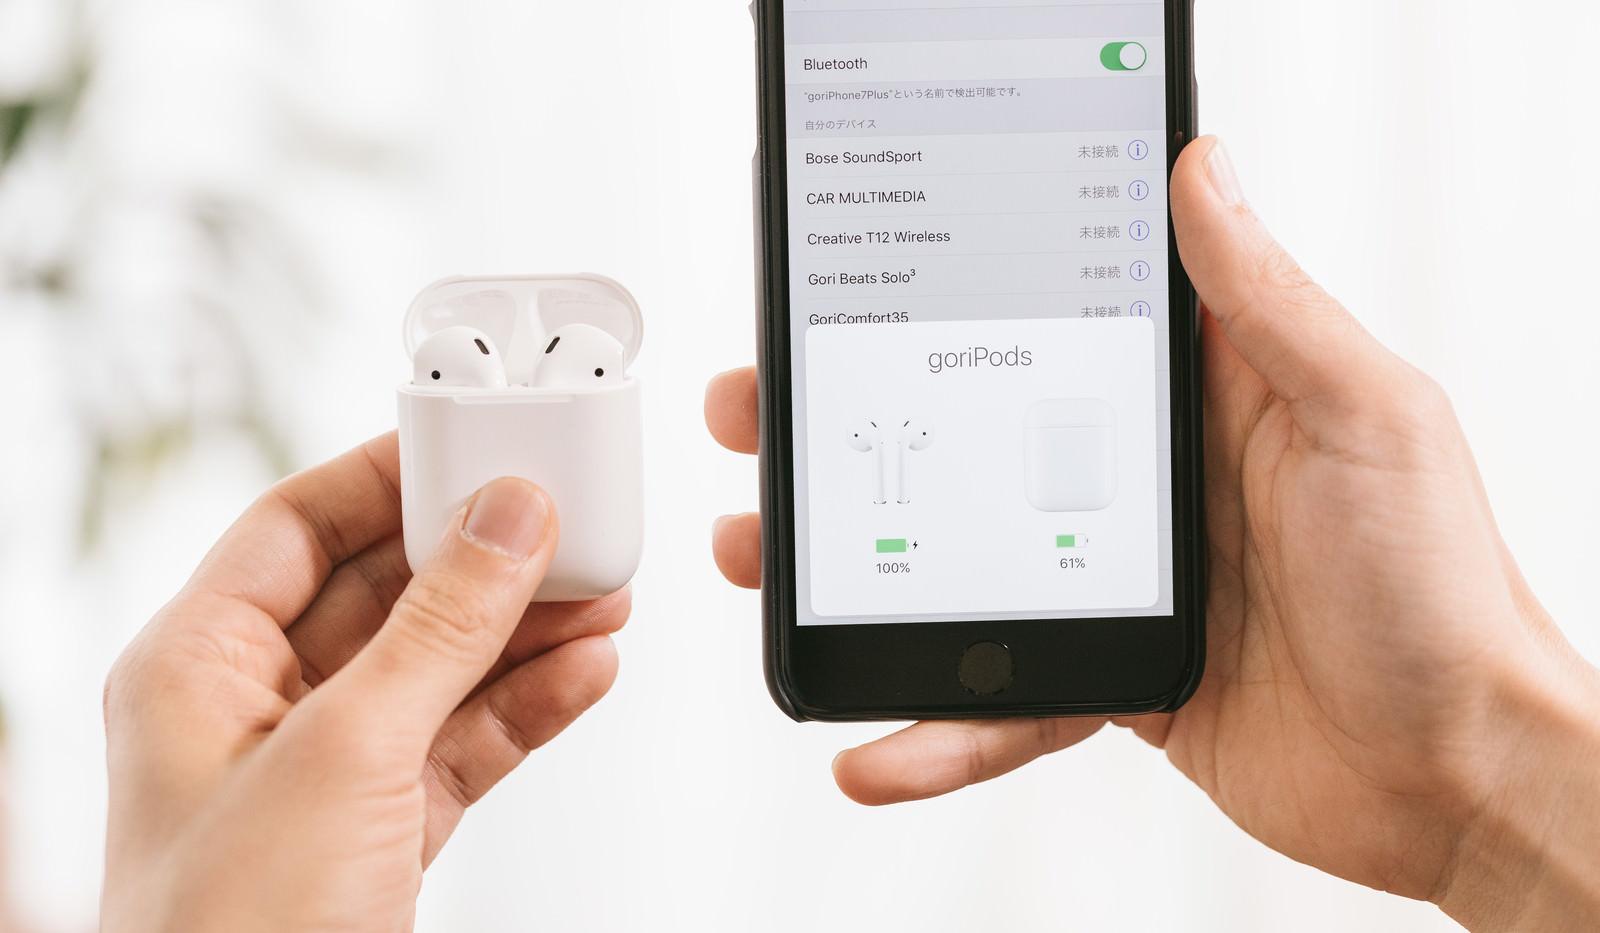 「スマートフォンと同期するワイレスイヤホン | 写真の無料素材・フリー素材 - ぱくたそ」の写真